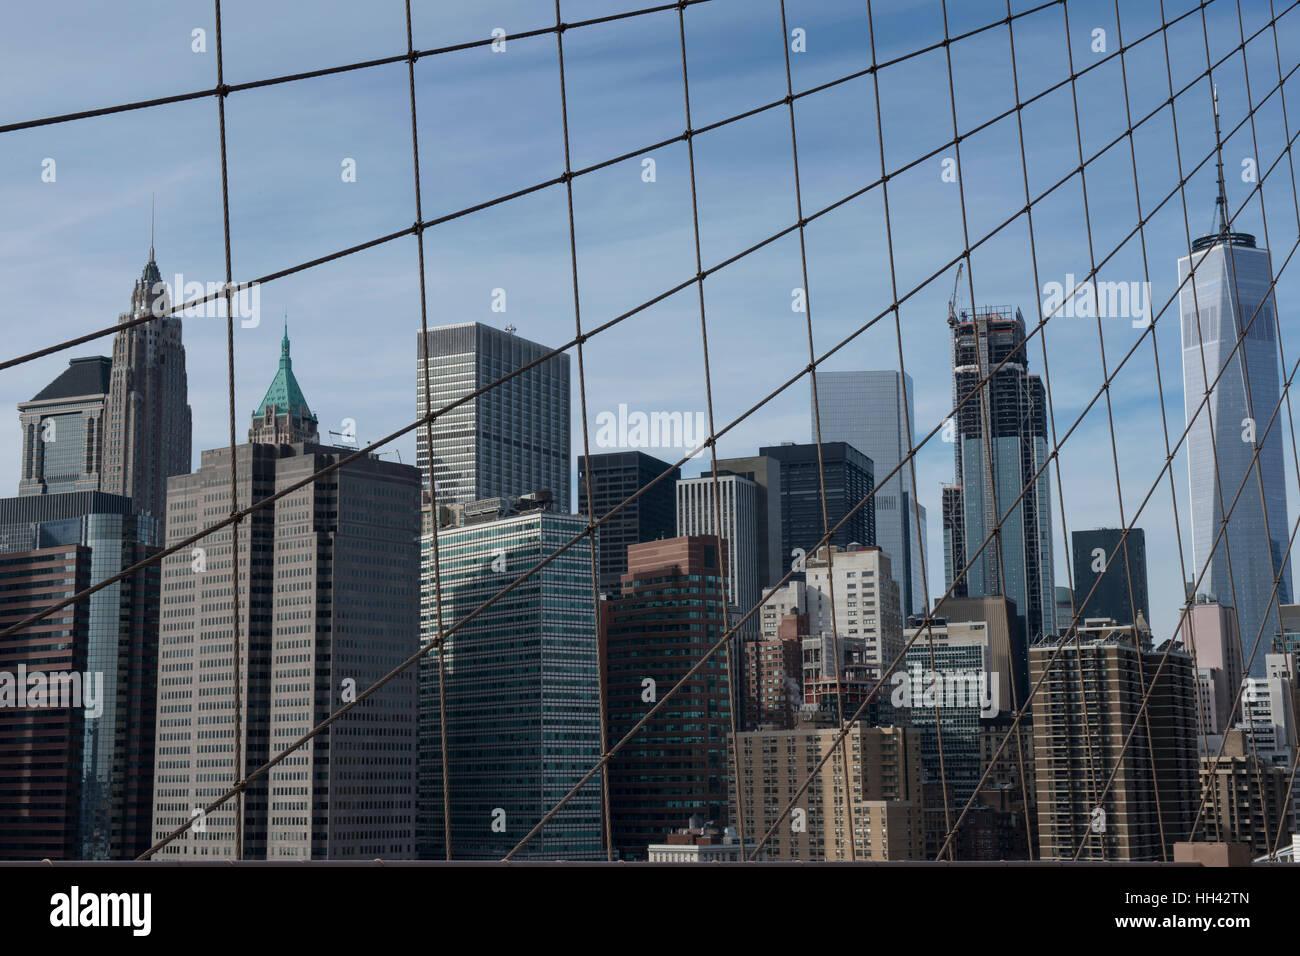 Gebäude des Finanzviertels hinter die Anordnung der Aufhängeseile aus Brooklyn-Bridge gesehen. Lower Manhattan, Stockbild